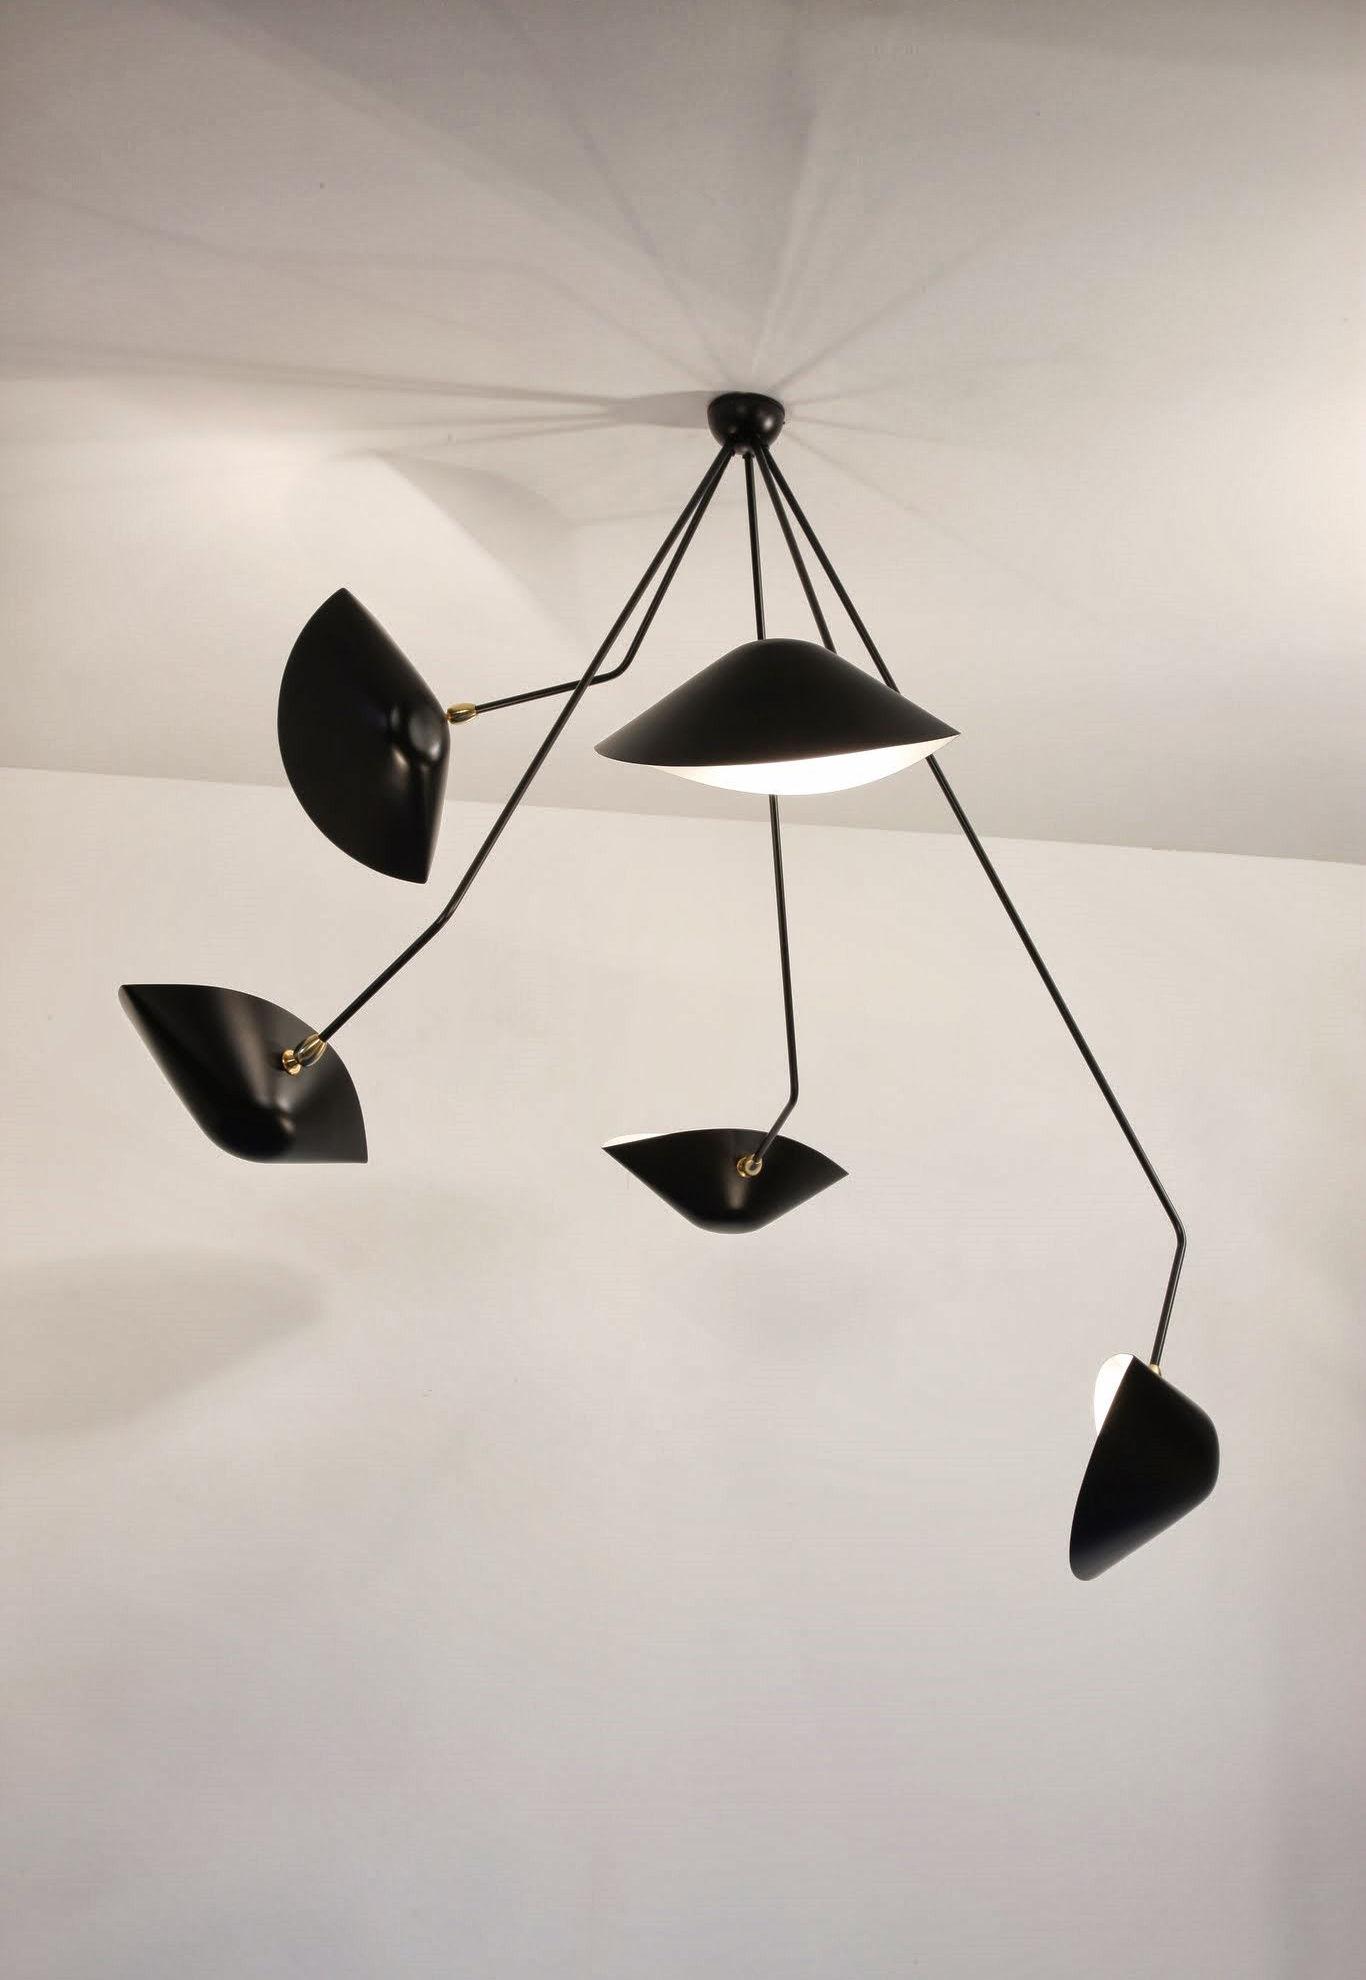 Plafonnier araign e 5 bras fixes 1954 noir serge mouille - Plafonnier design pour salon ...